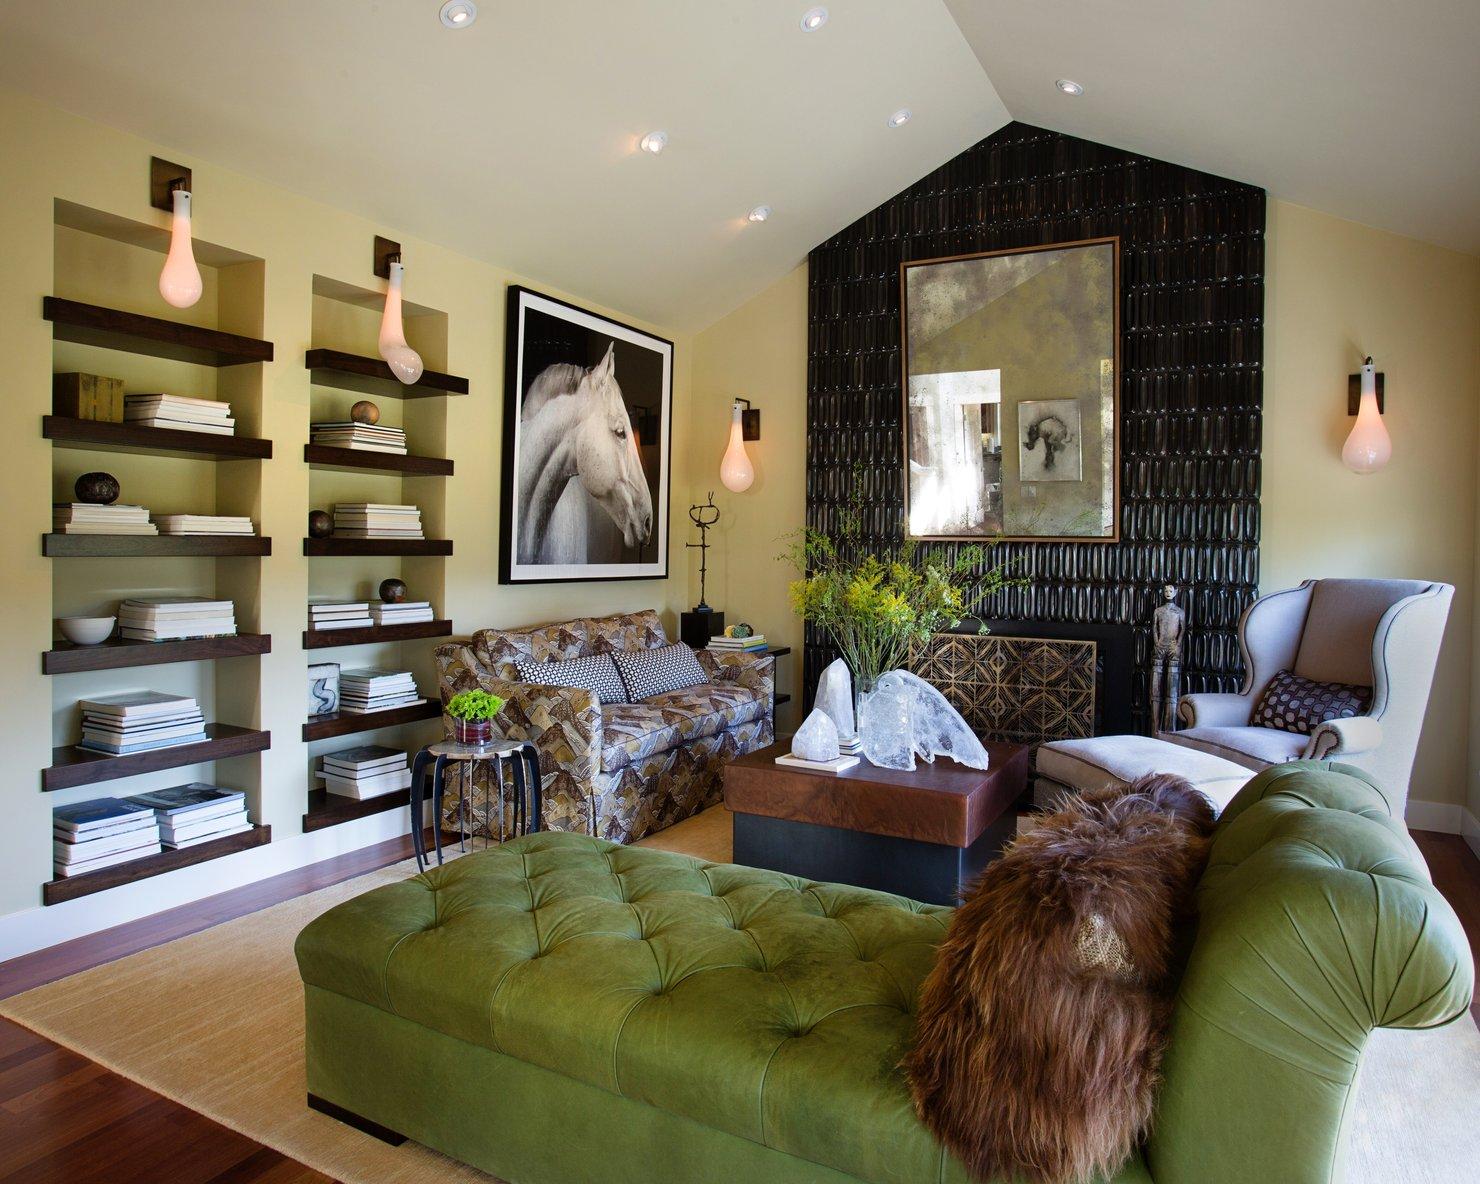 Claire-Crowe-Tapestry-Kopman-Living-Room.jpg